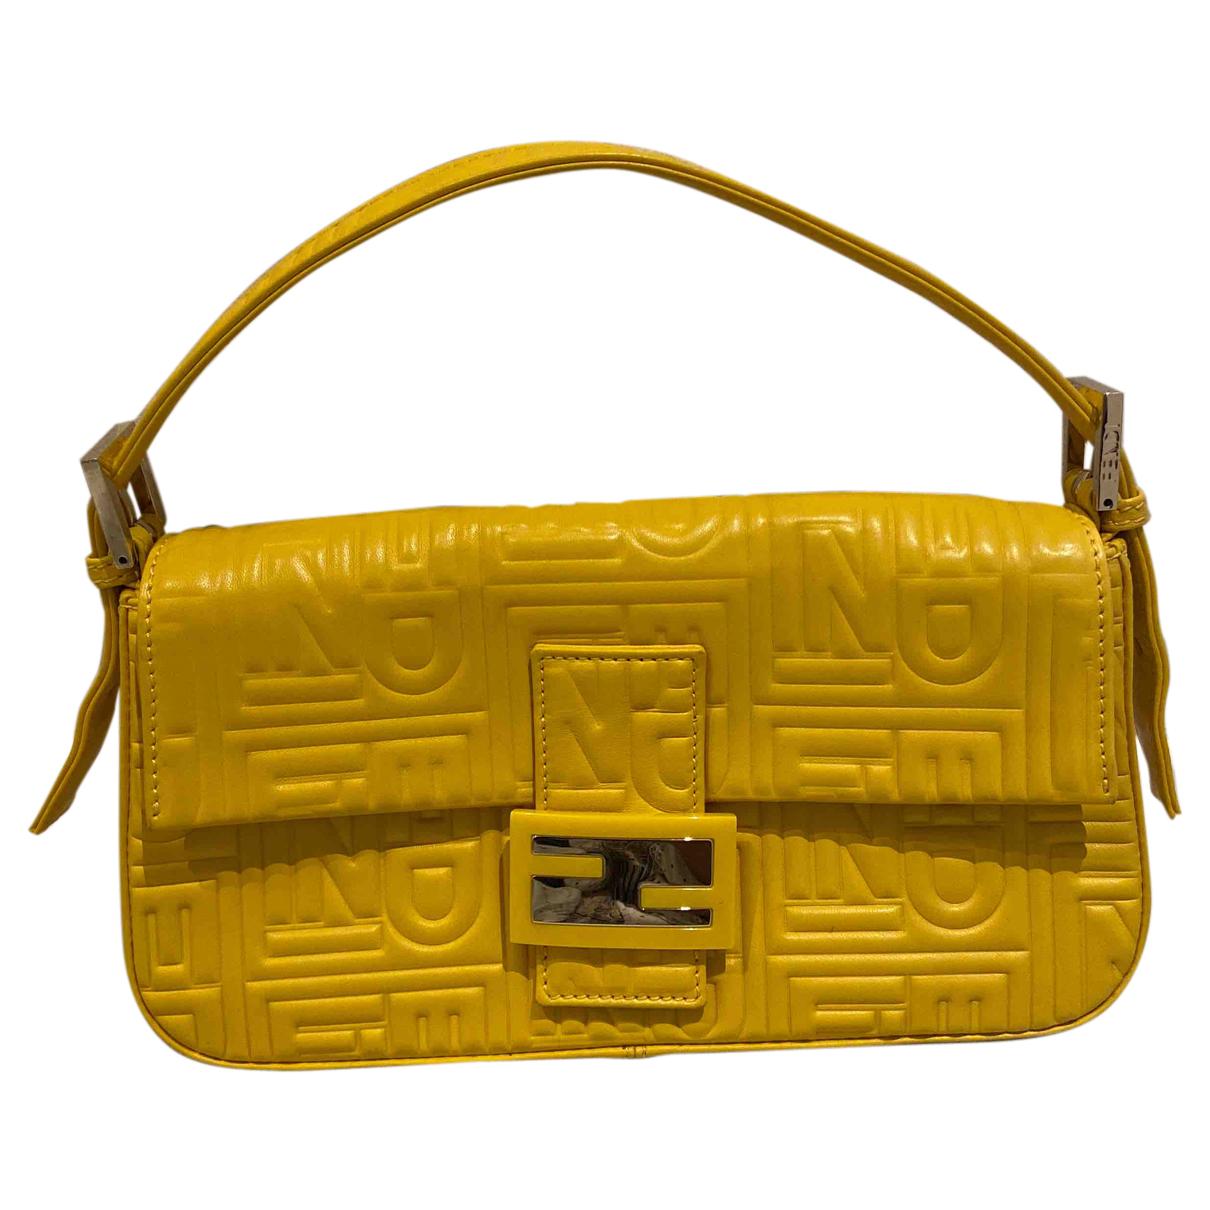 Fendi - Sac a main Baguette pour femme en cuir - jaune